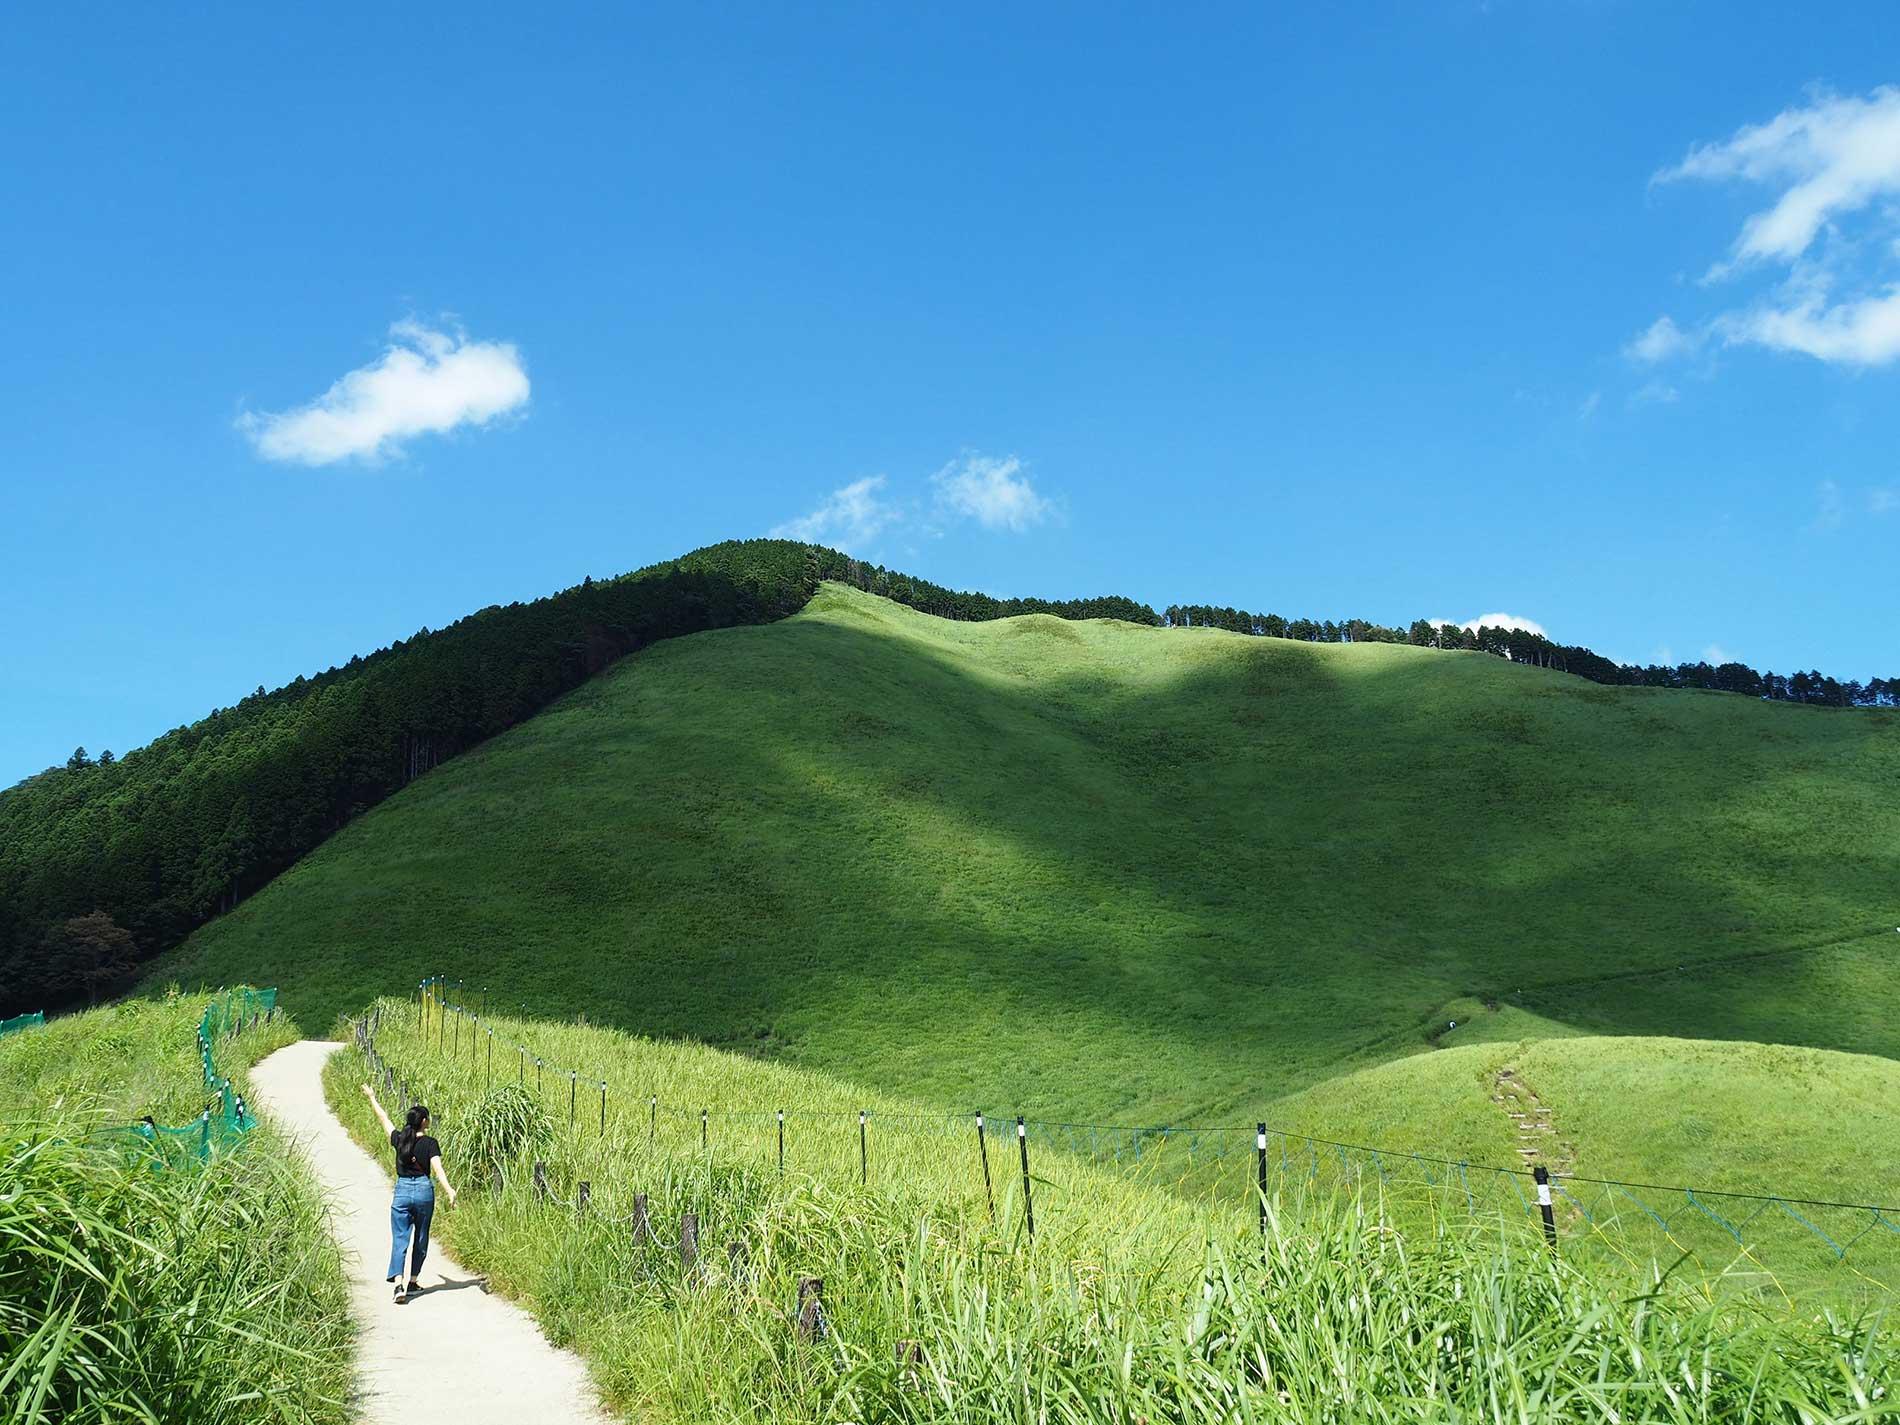 Soni Highland in summer / 夏の曽爾高原